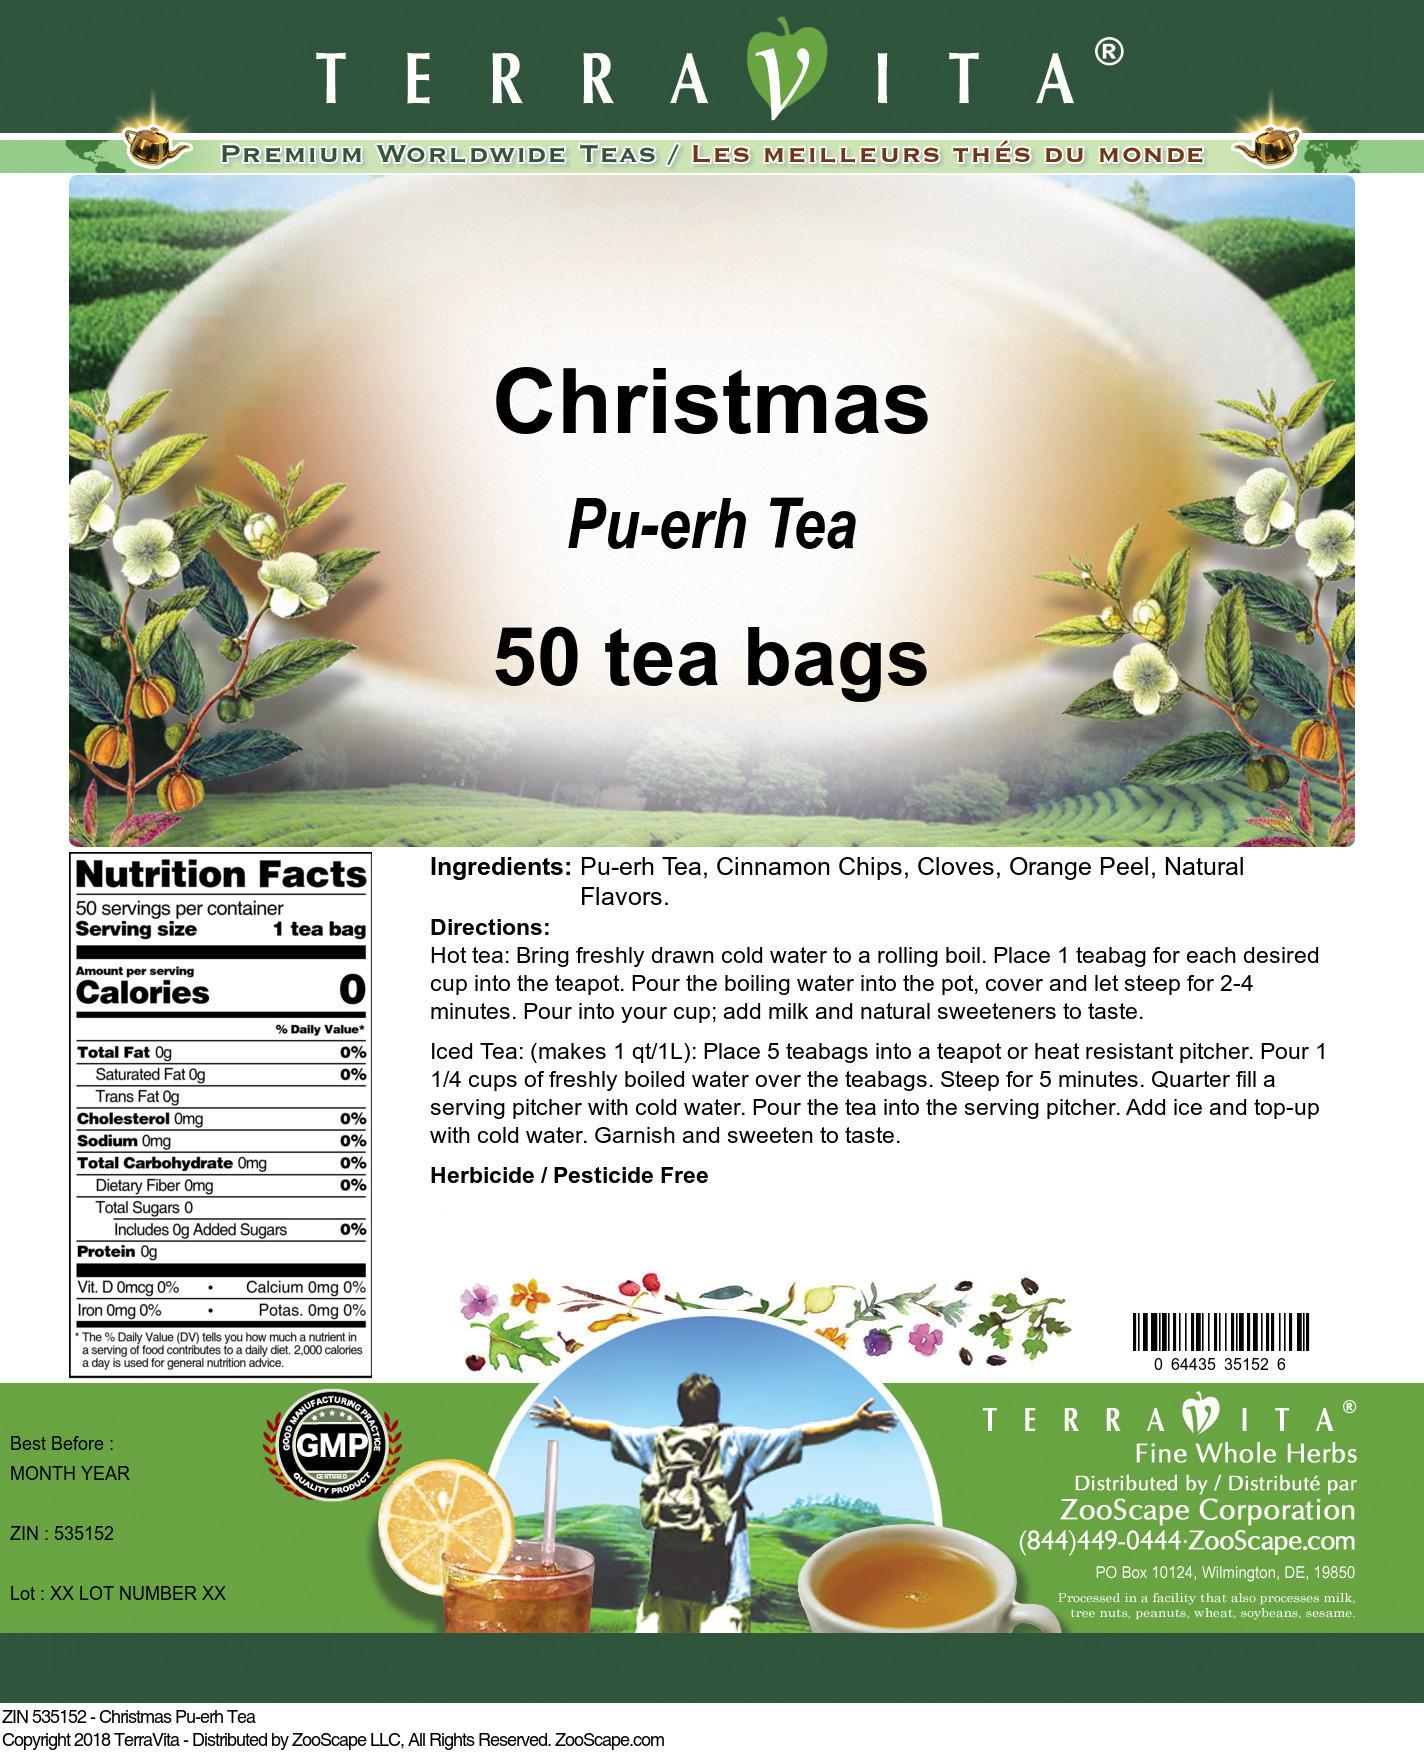 Christmas Pu-erh Tea